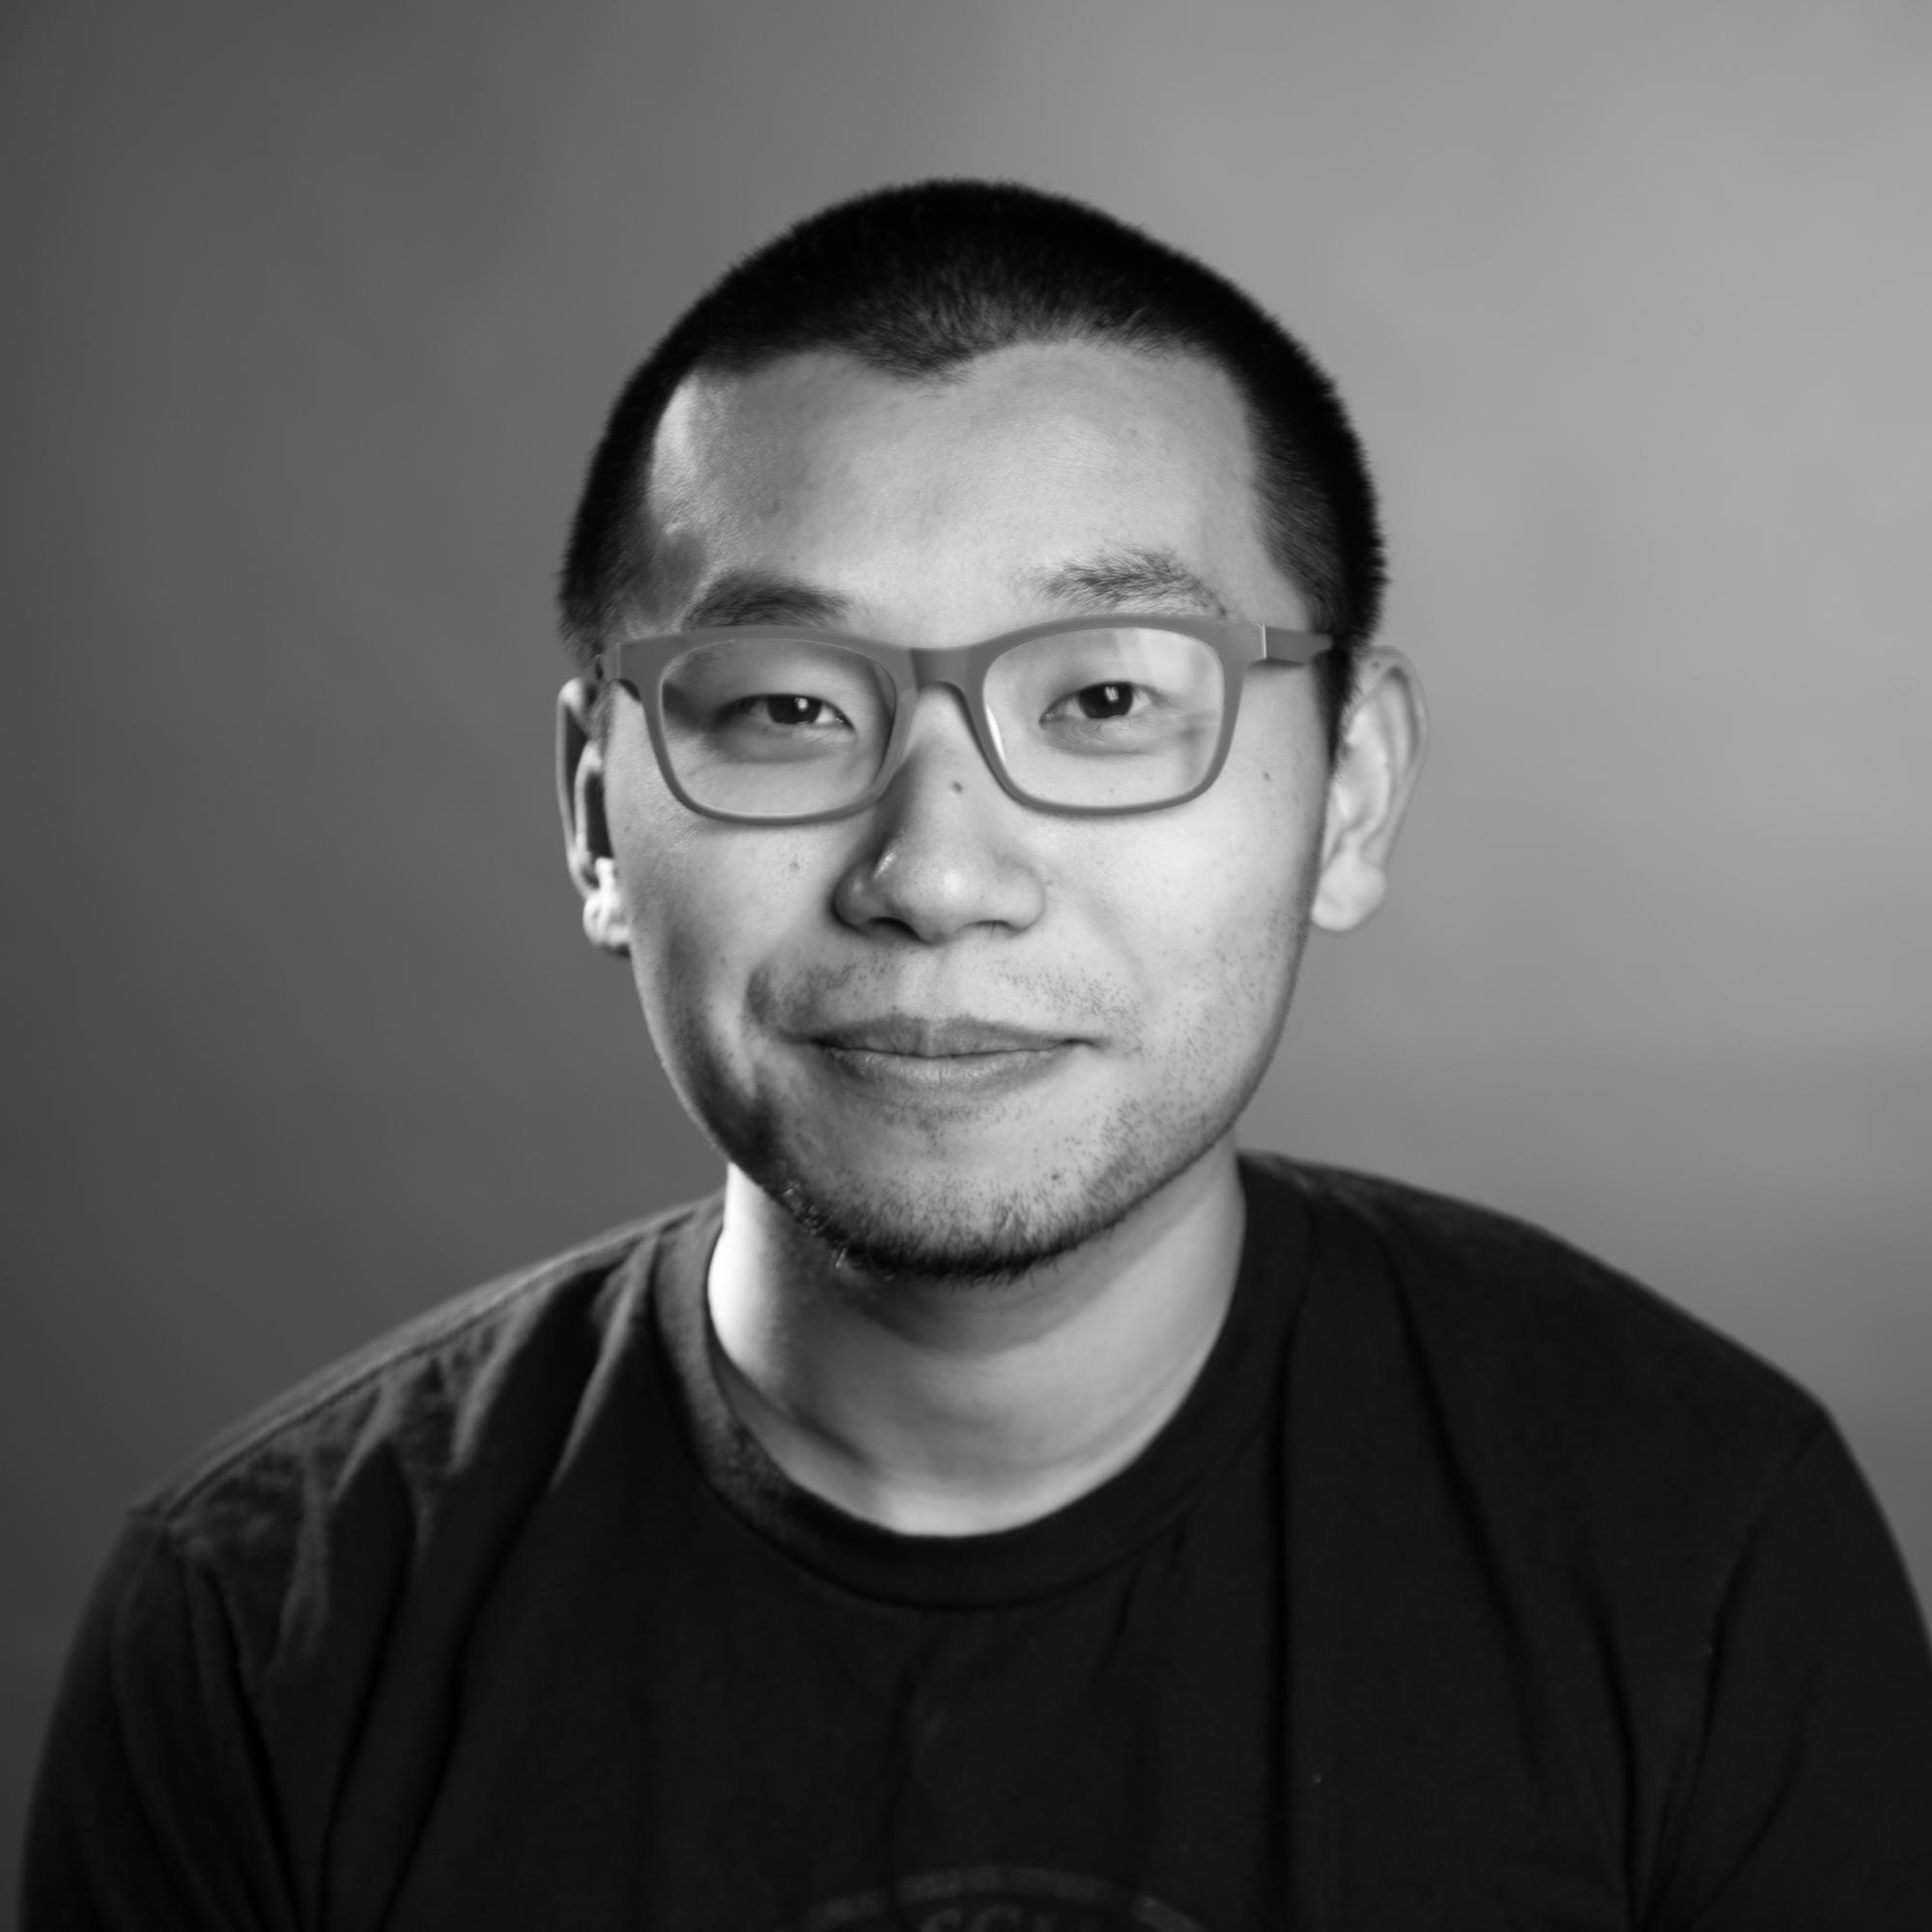 Wudi Hong